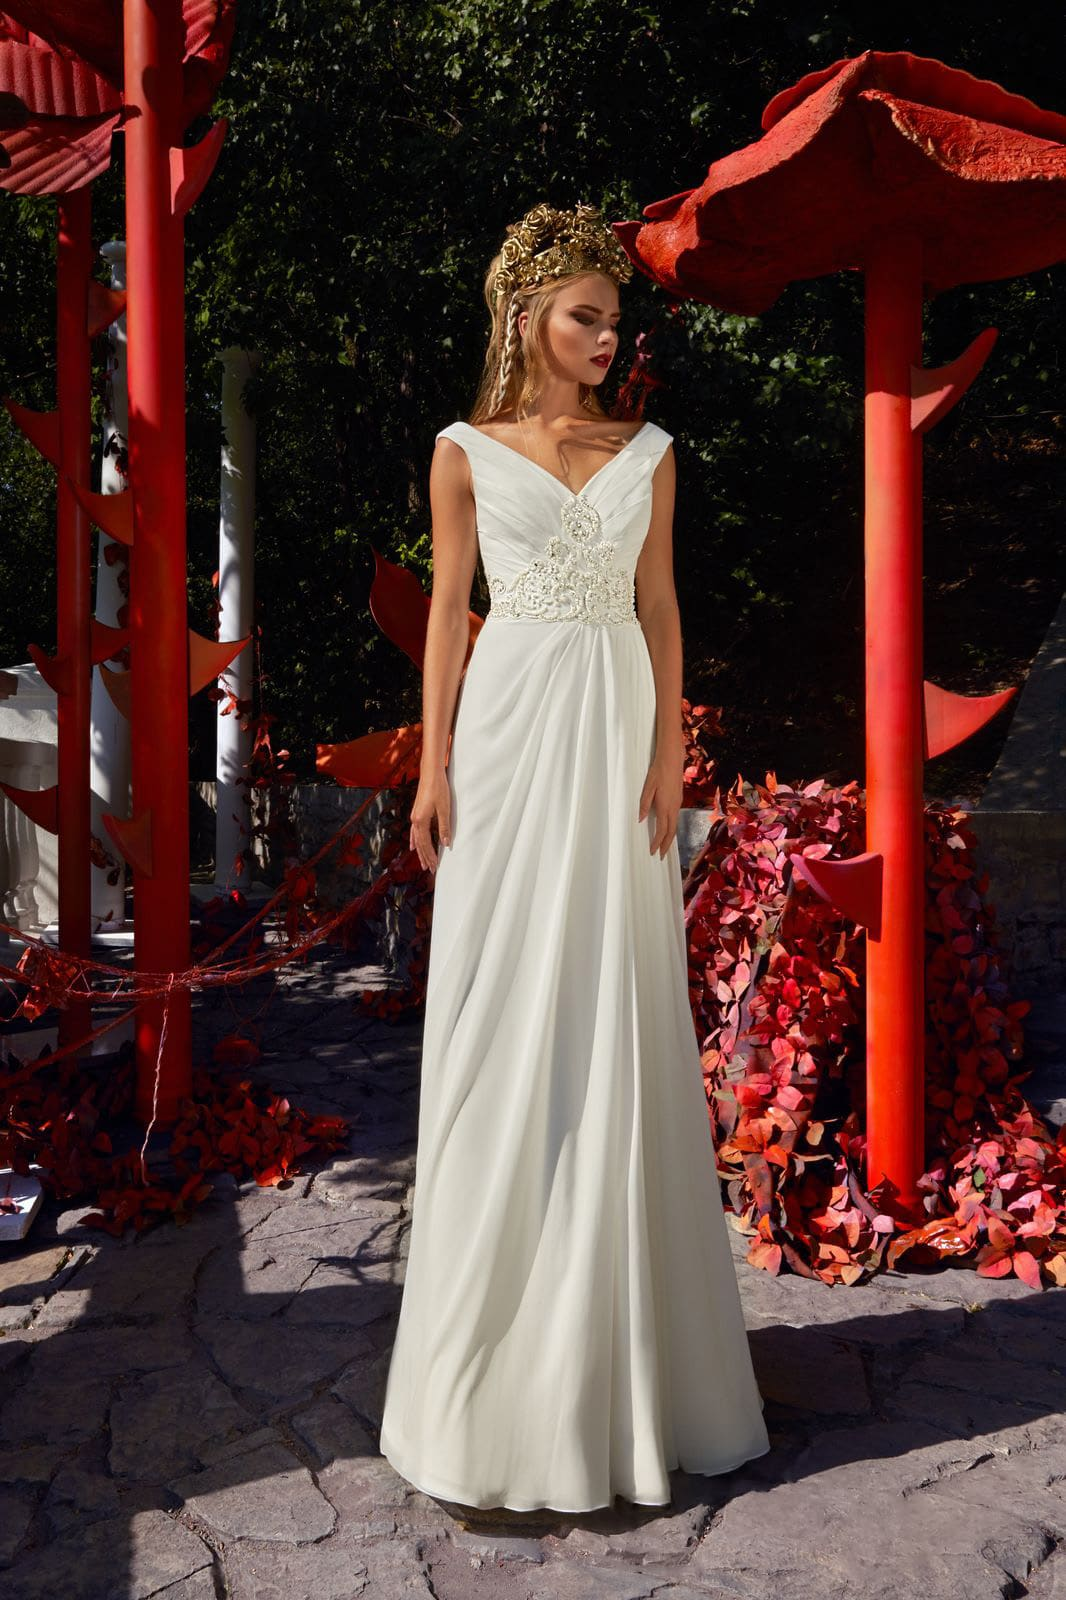 Свадебное платье в греческом стиле, с драпировками и элегантным V-образным декольте.